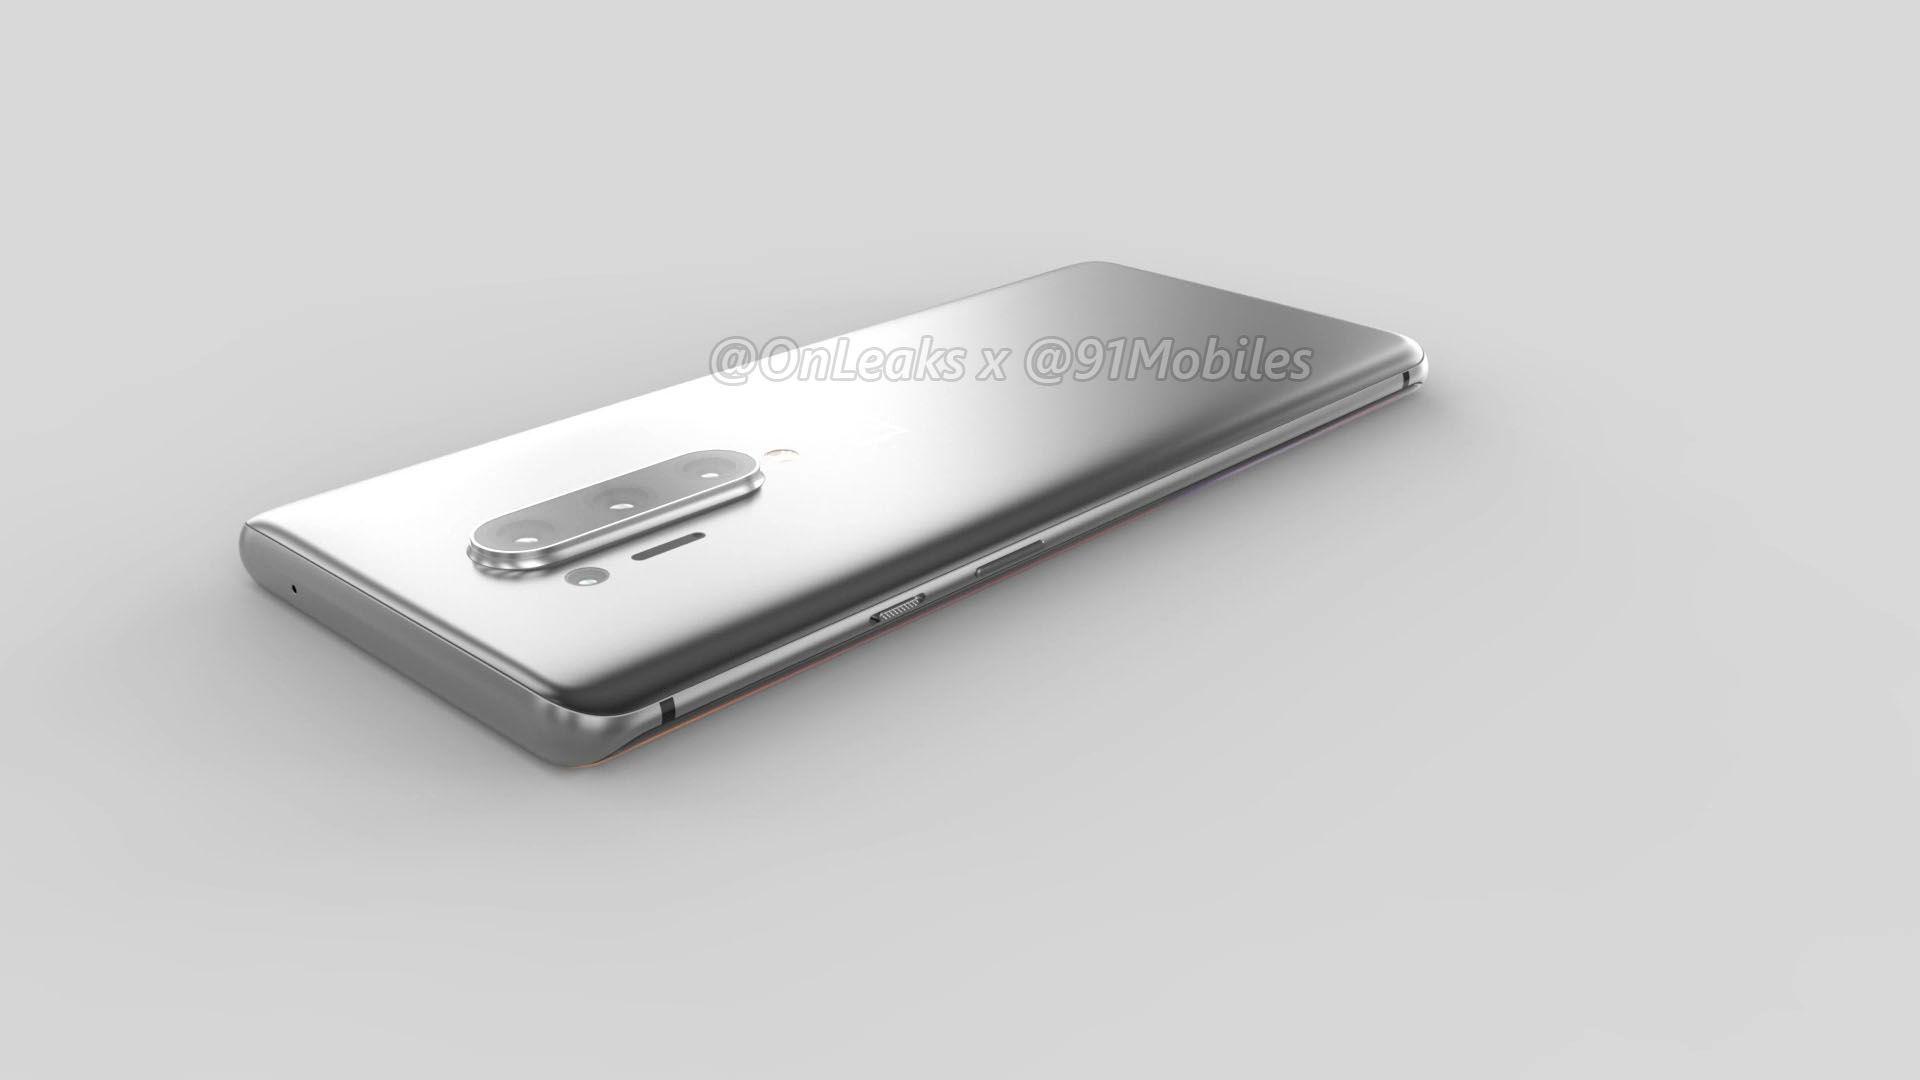 OnePlus 8 Pro rendery kiedy premiera plotki przecieki wycieki specyfikacja techniczna opinie design